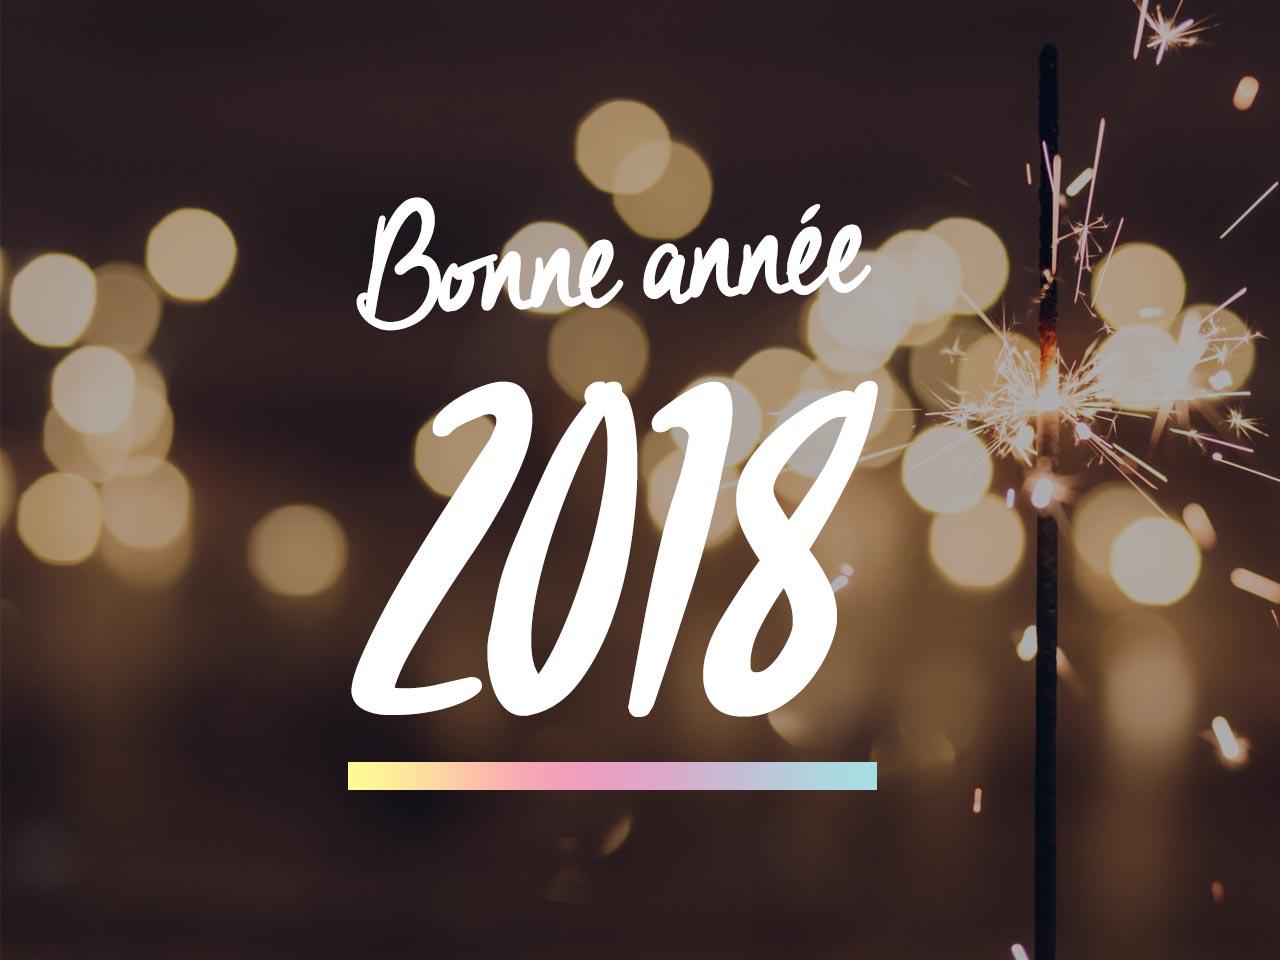 V ux nouvel an bonne ann e et carte de v ux personnalis e - Carte de voeux personnalisee photo ...